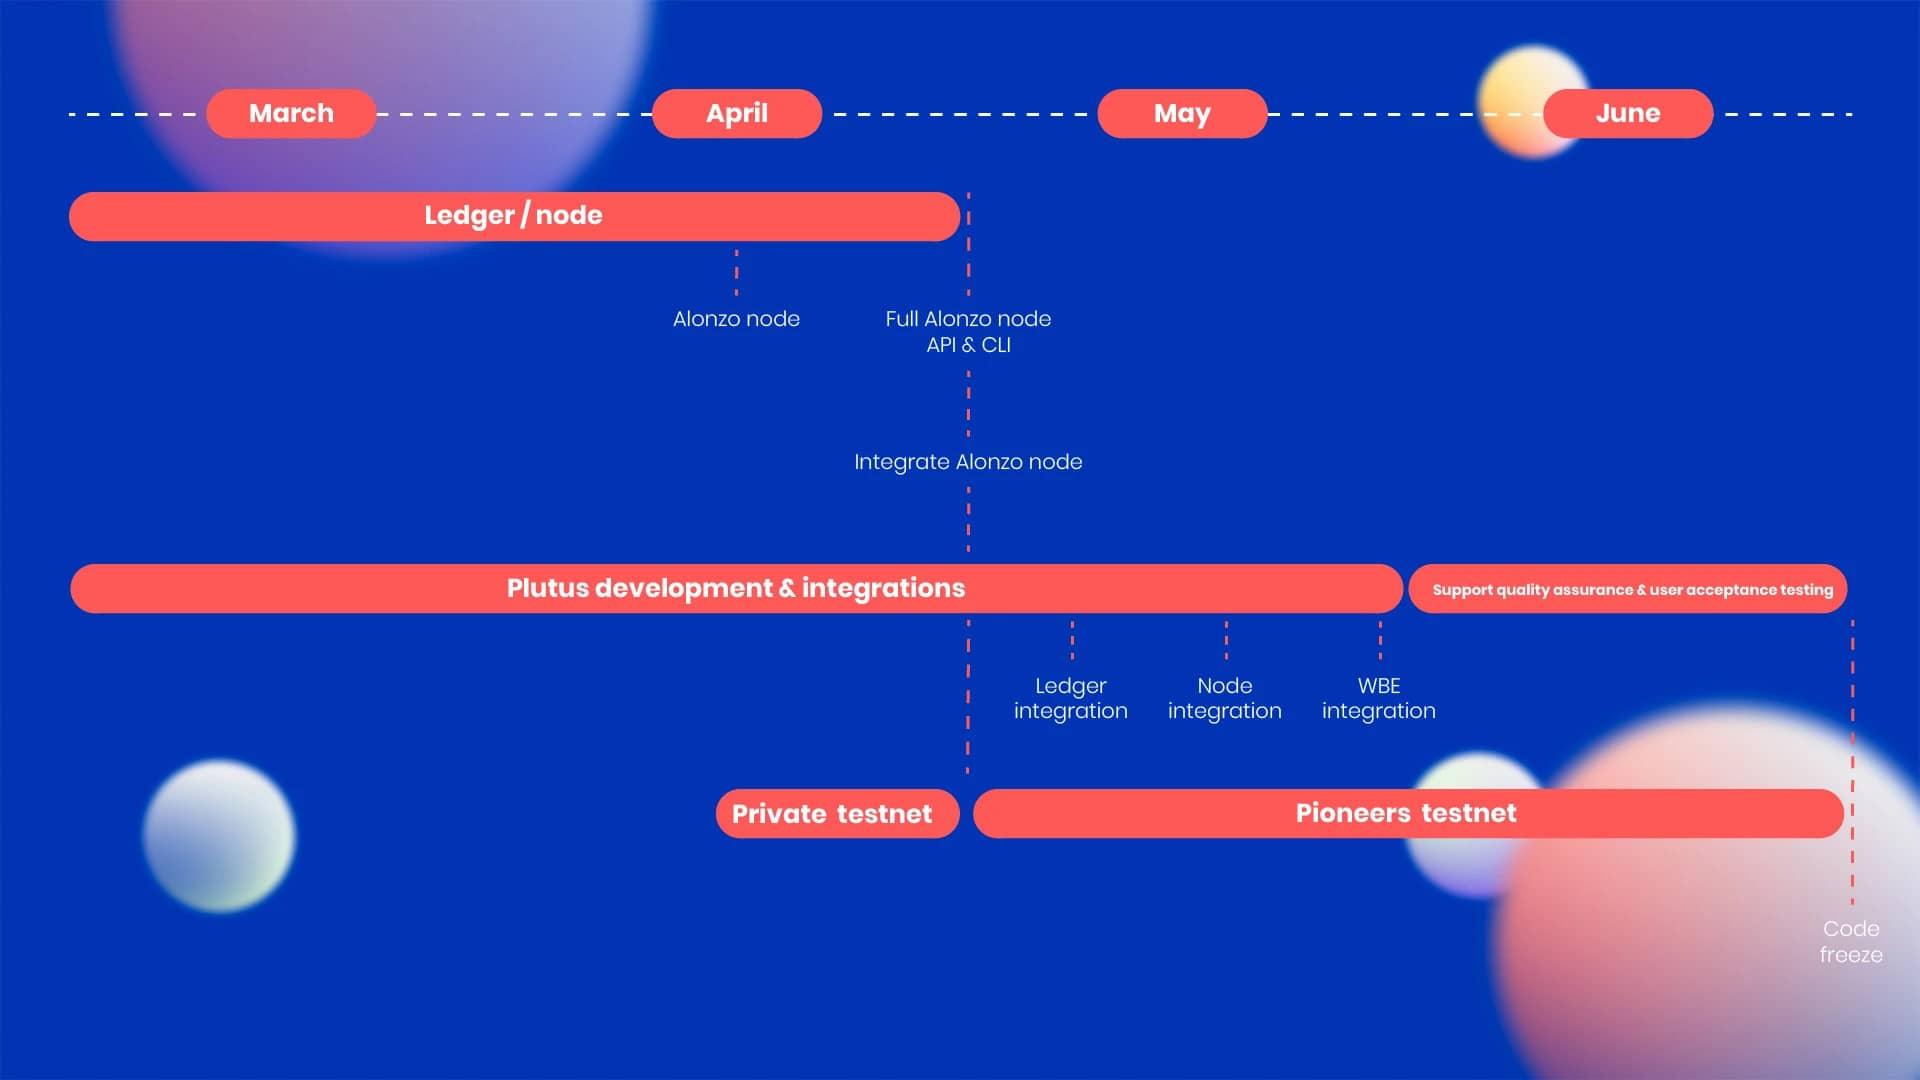 Alonzo Roadmap